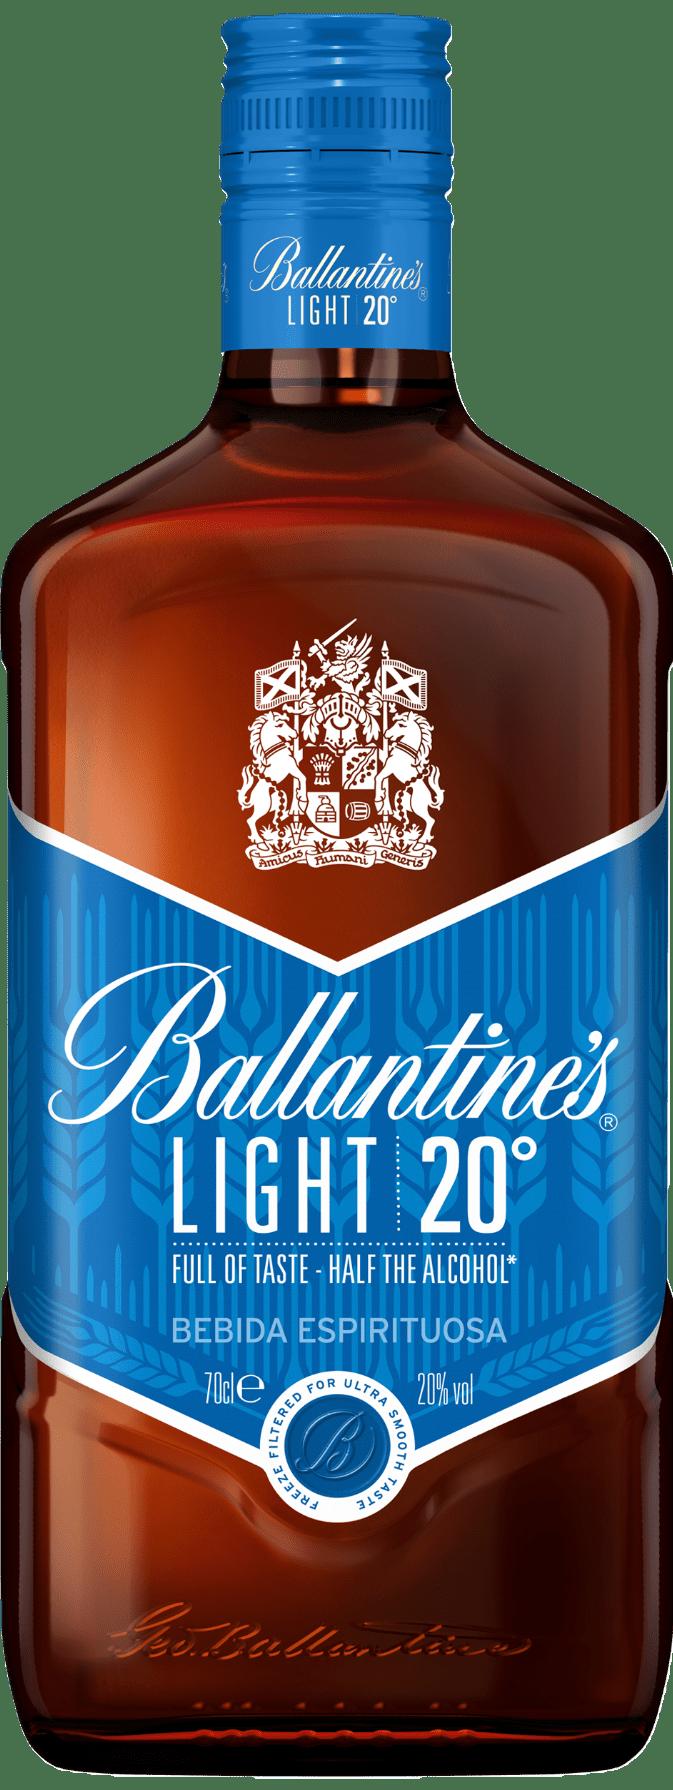 Botella de Ballantine's Light